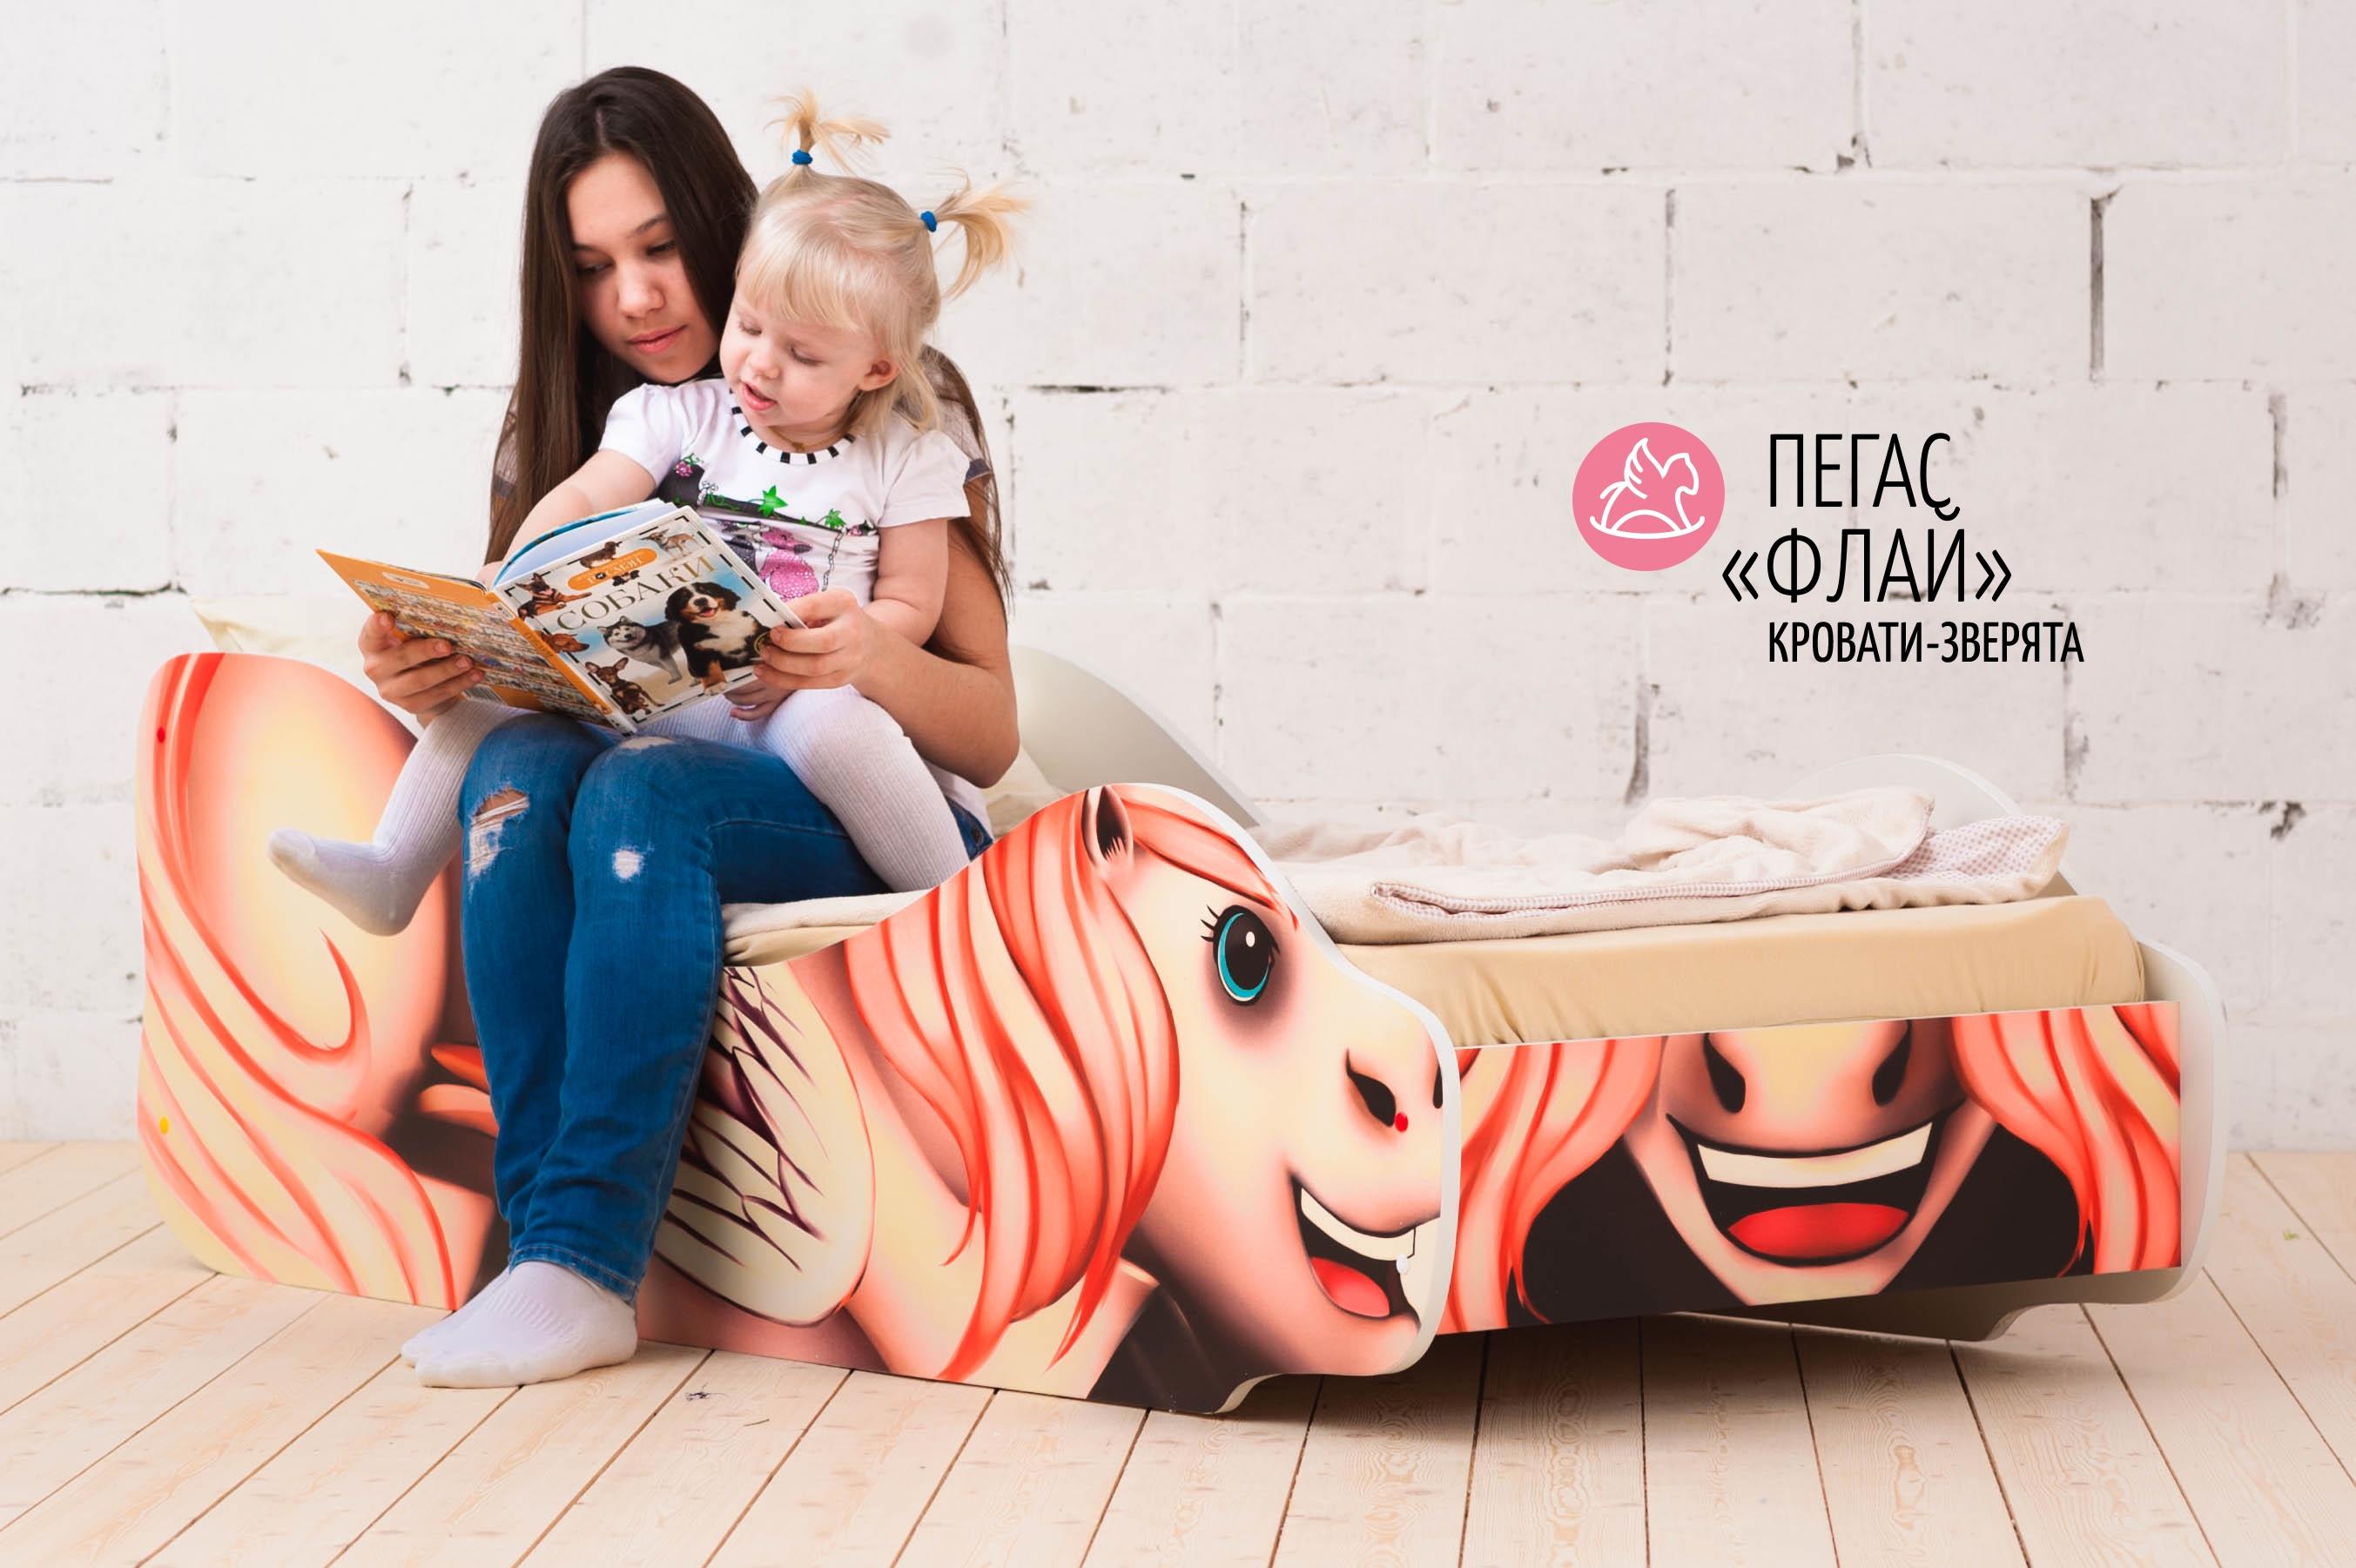 Детская кровать-зверенок -Пегас-Флай-7